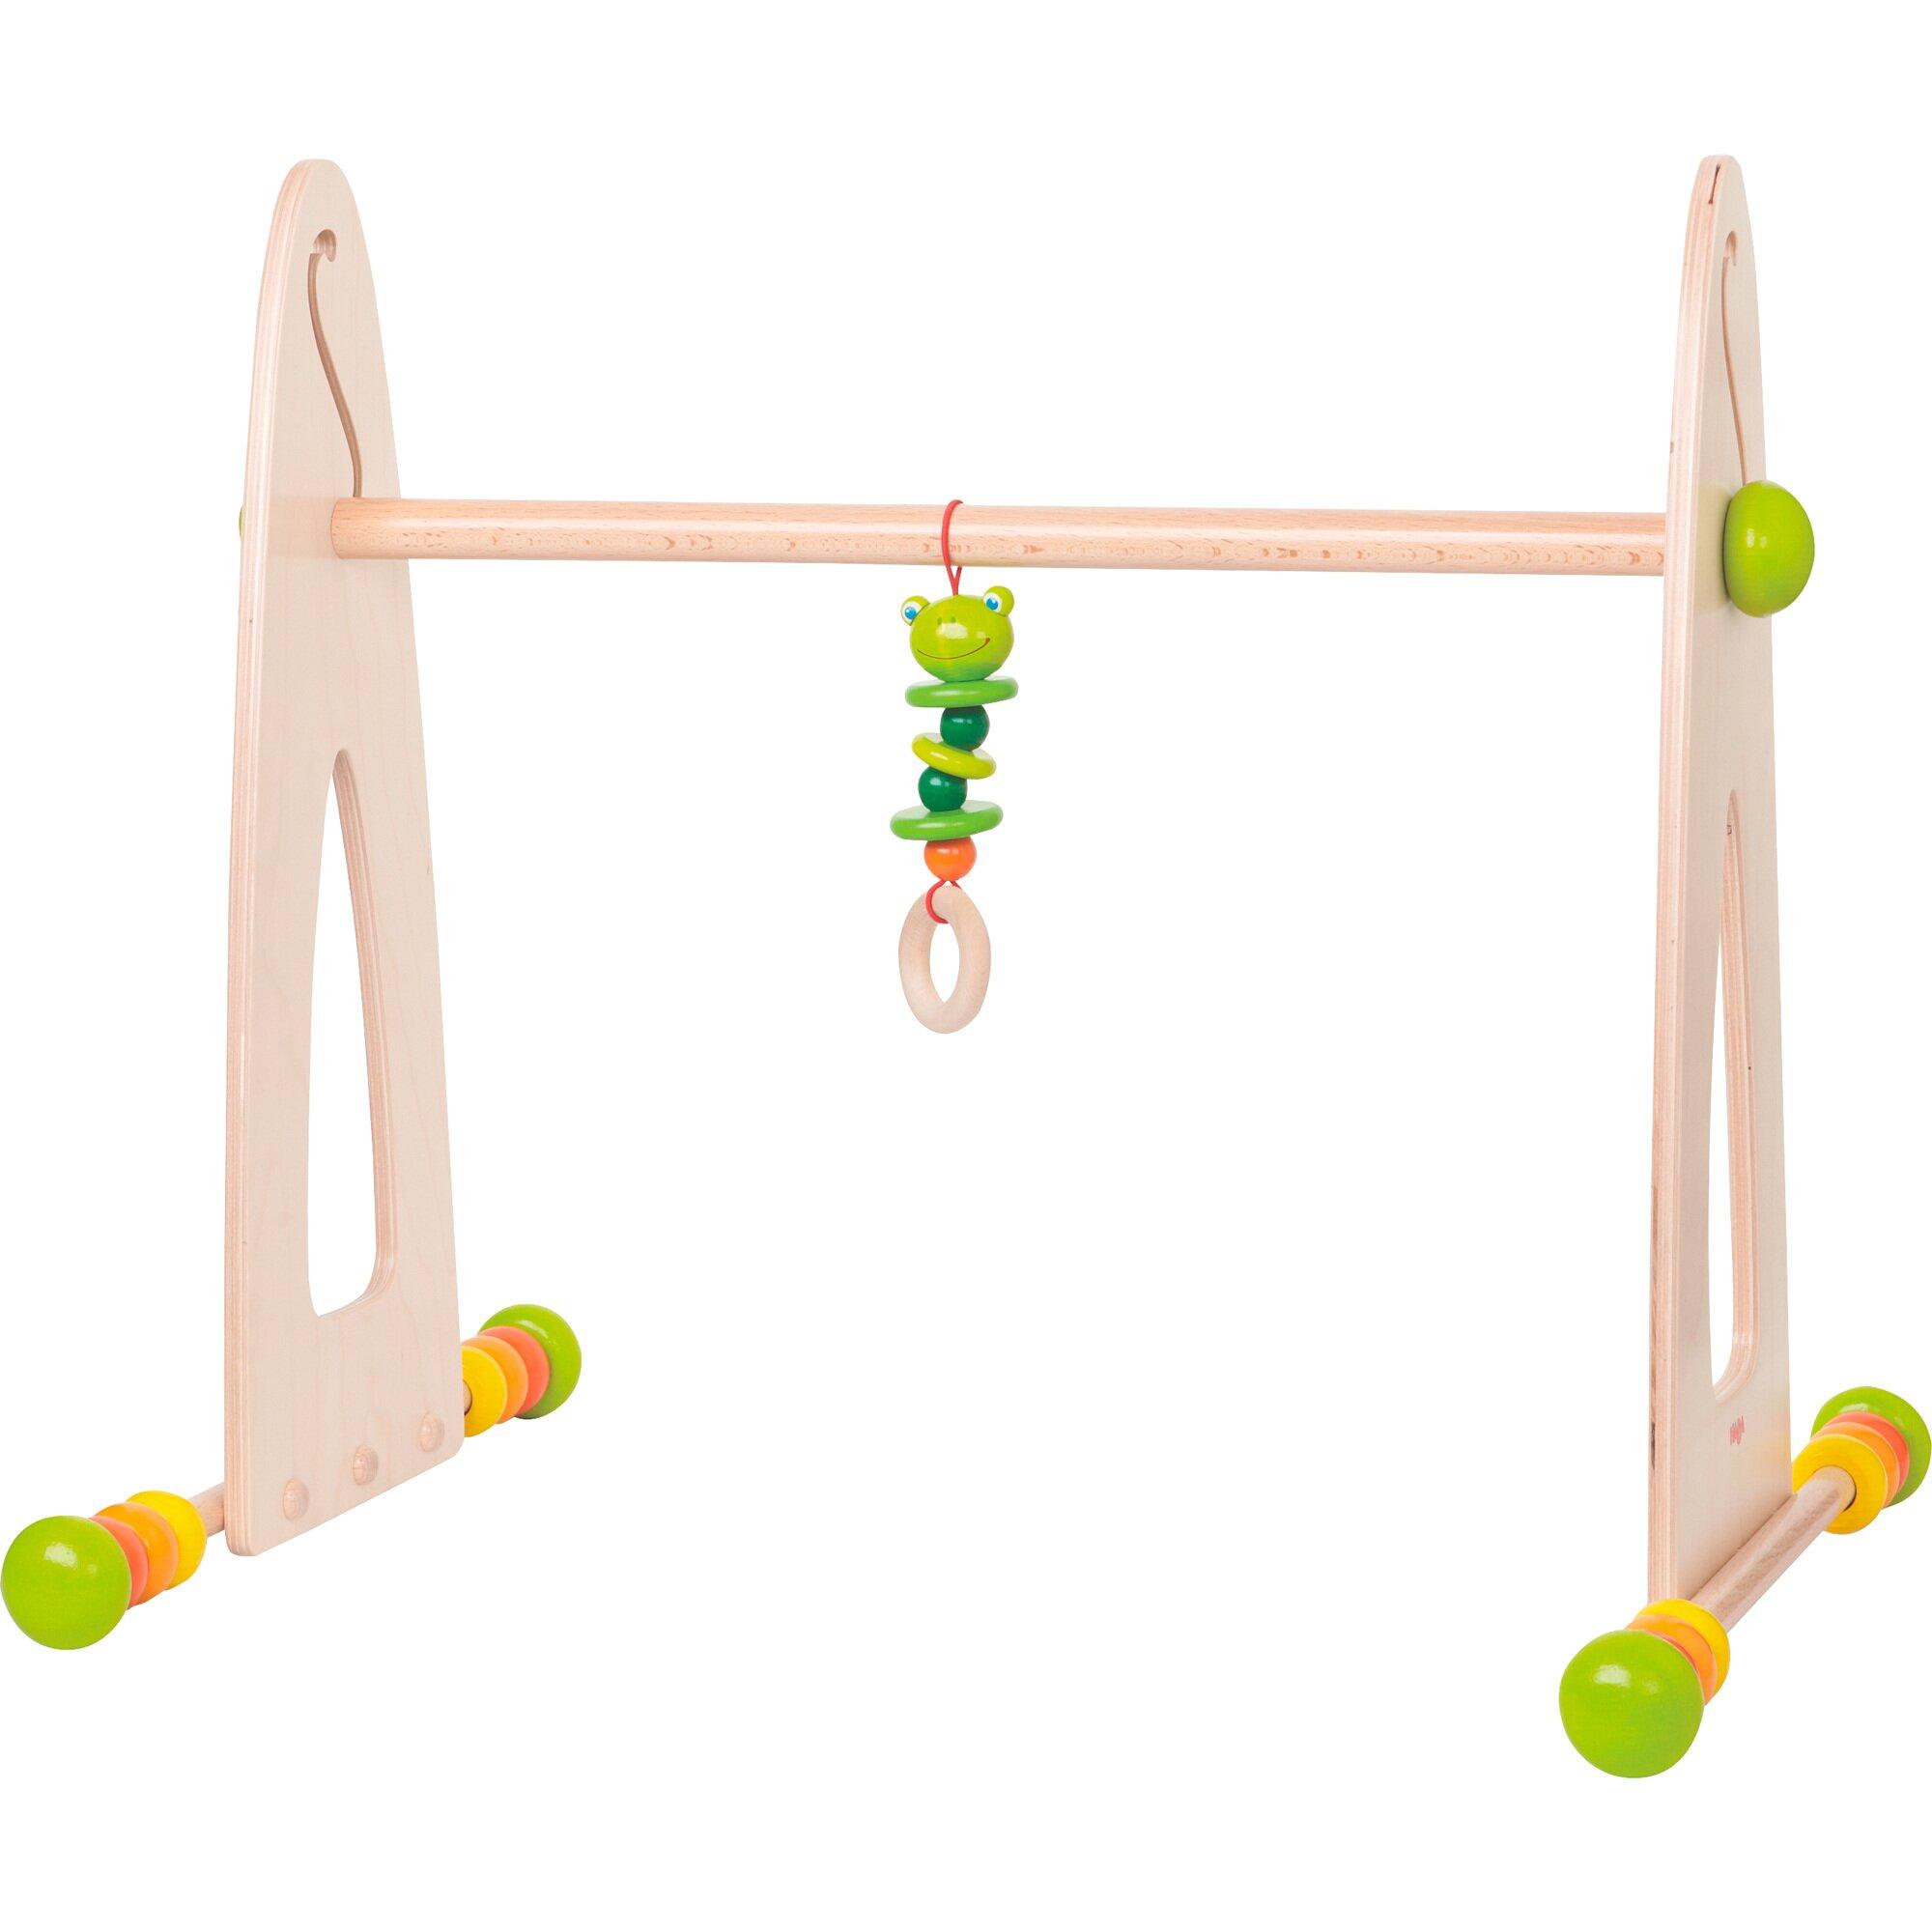 Haba Spieltrapez Spieltrainer Farbenspaß aus Holz natur